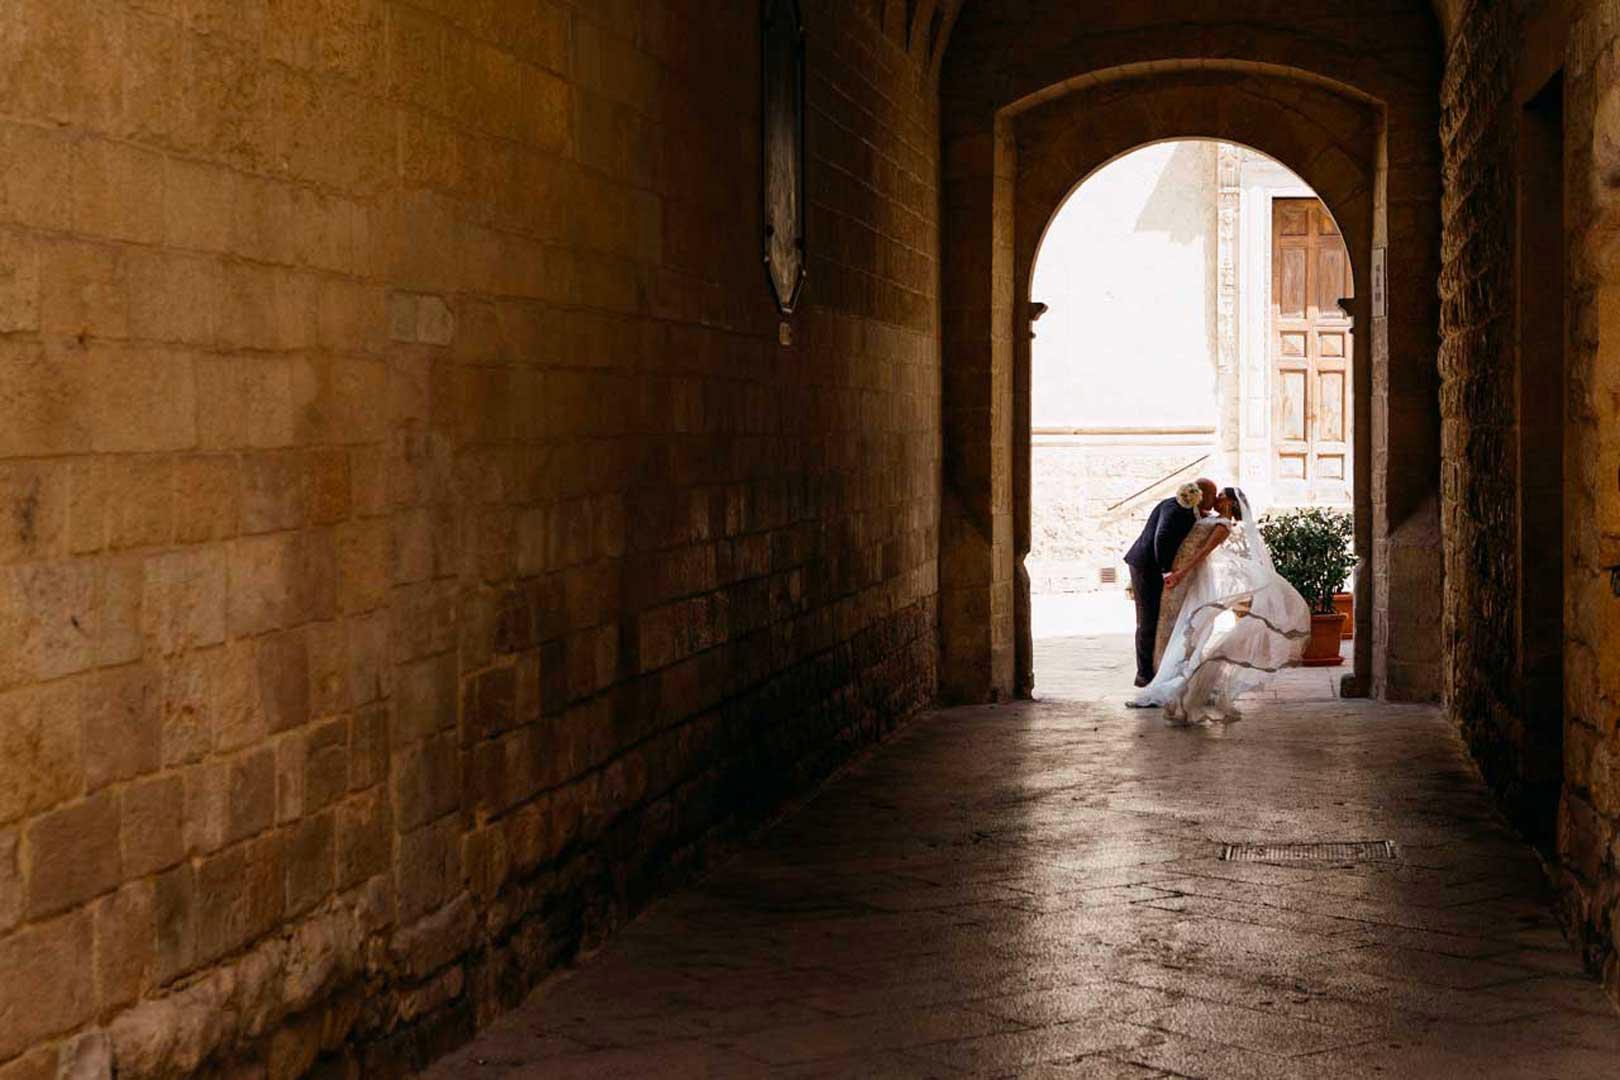 029-altamura-matrimonio-gianni-lepore-fotografo